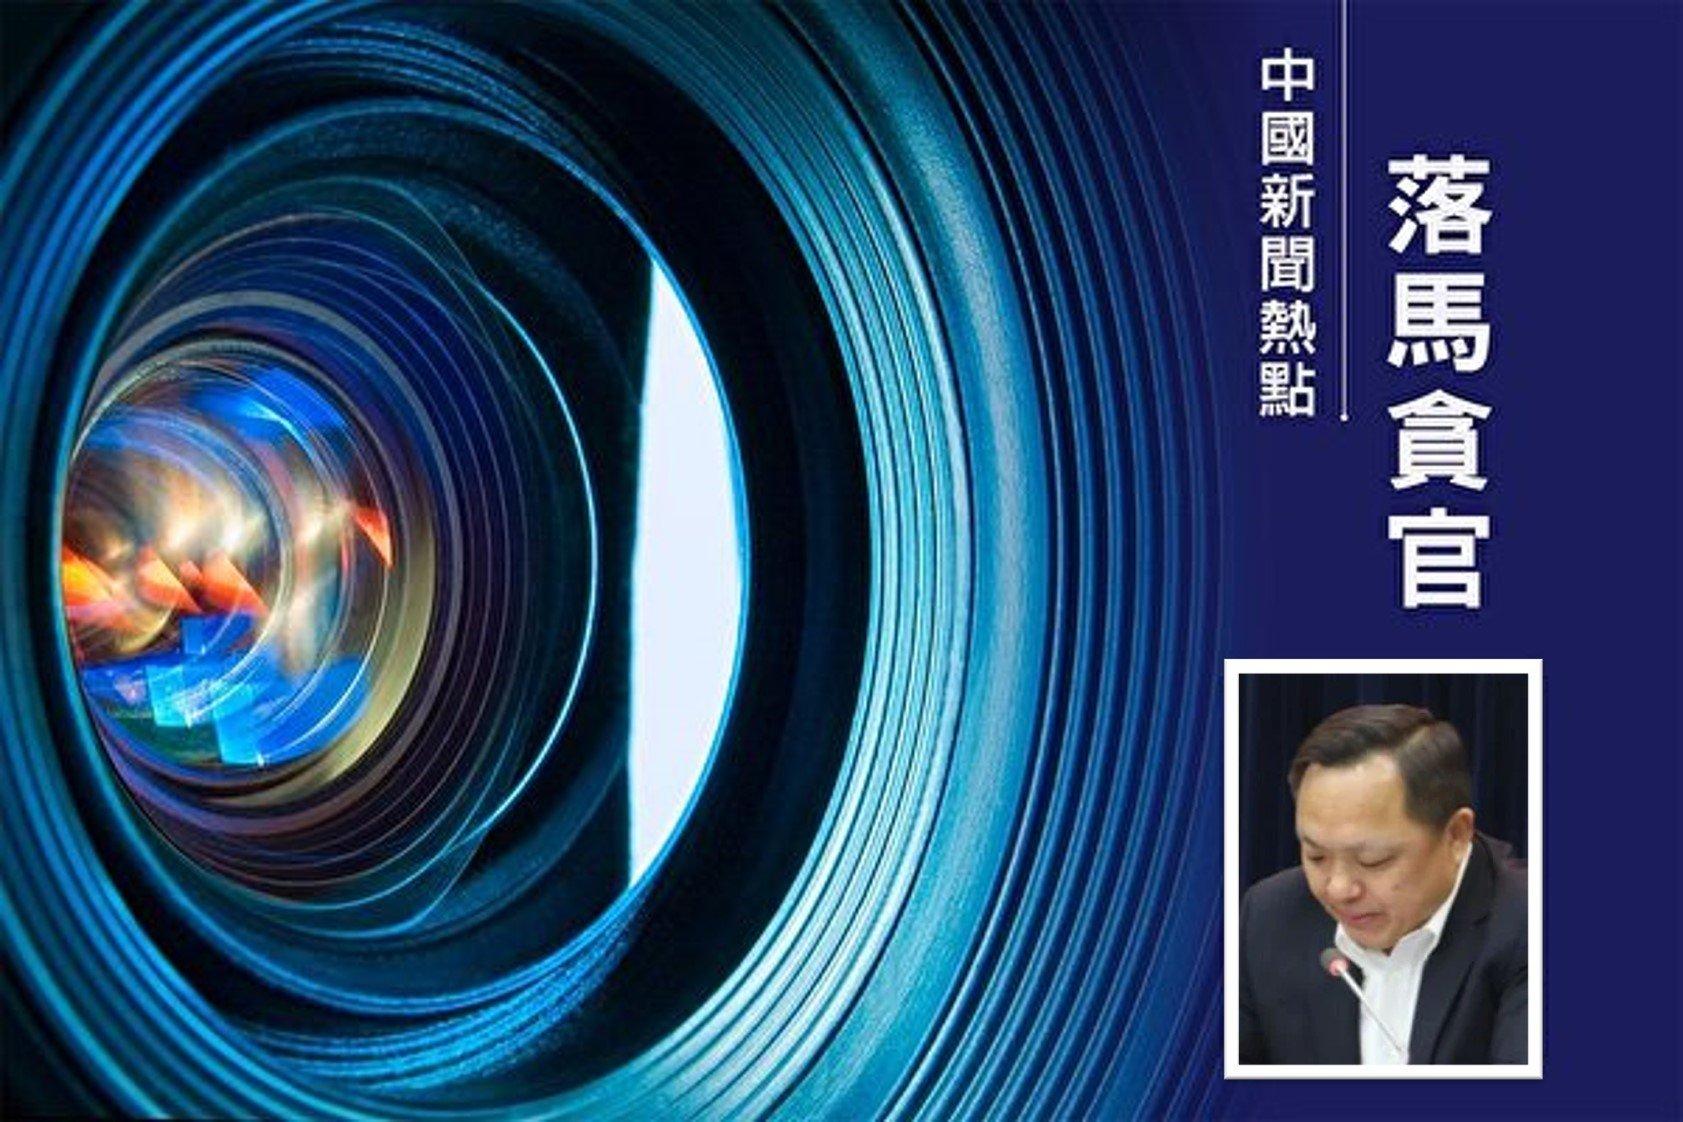 2021年5月9日,江西省政協副主席肖毅落馬。(大紀元合成圖片)